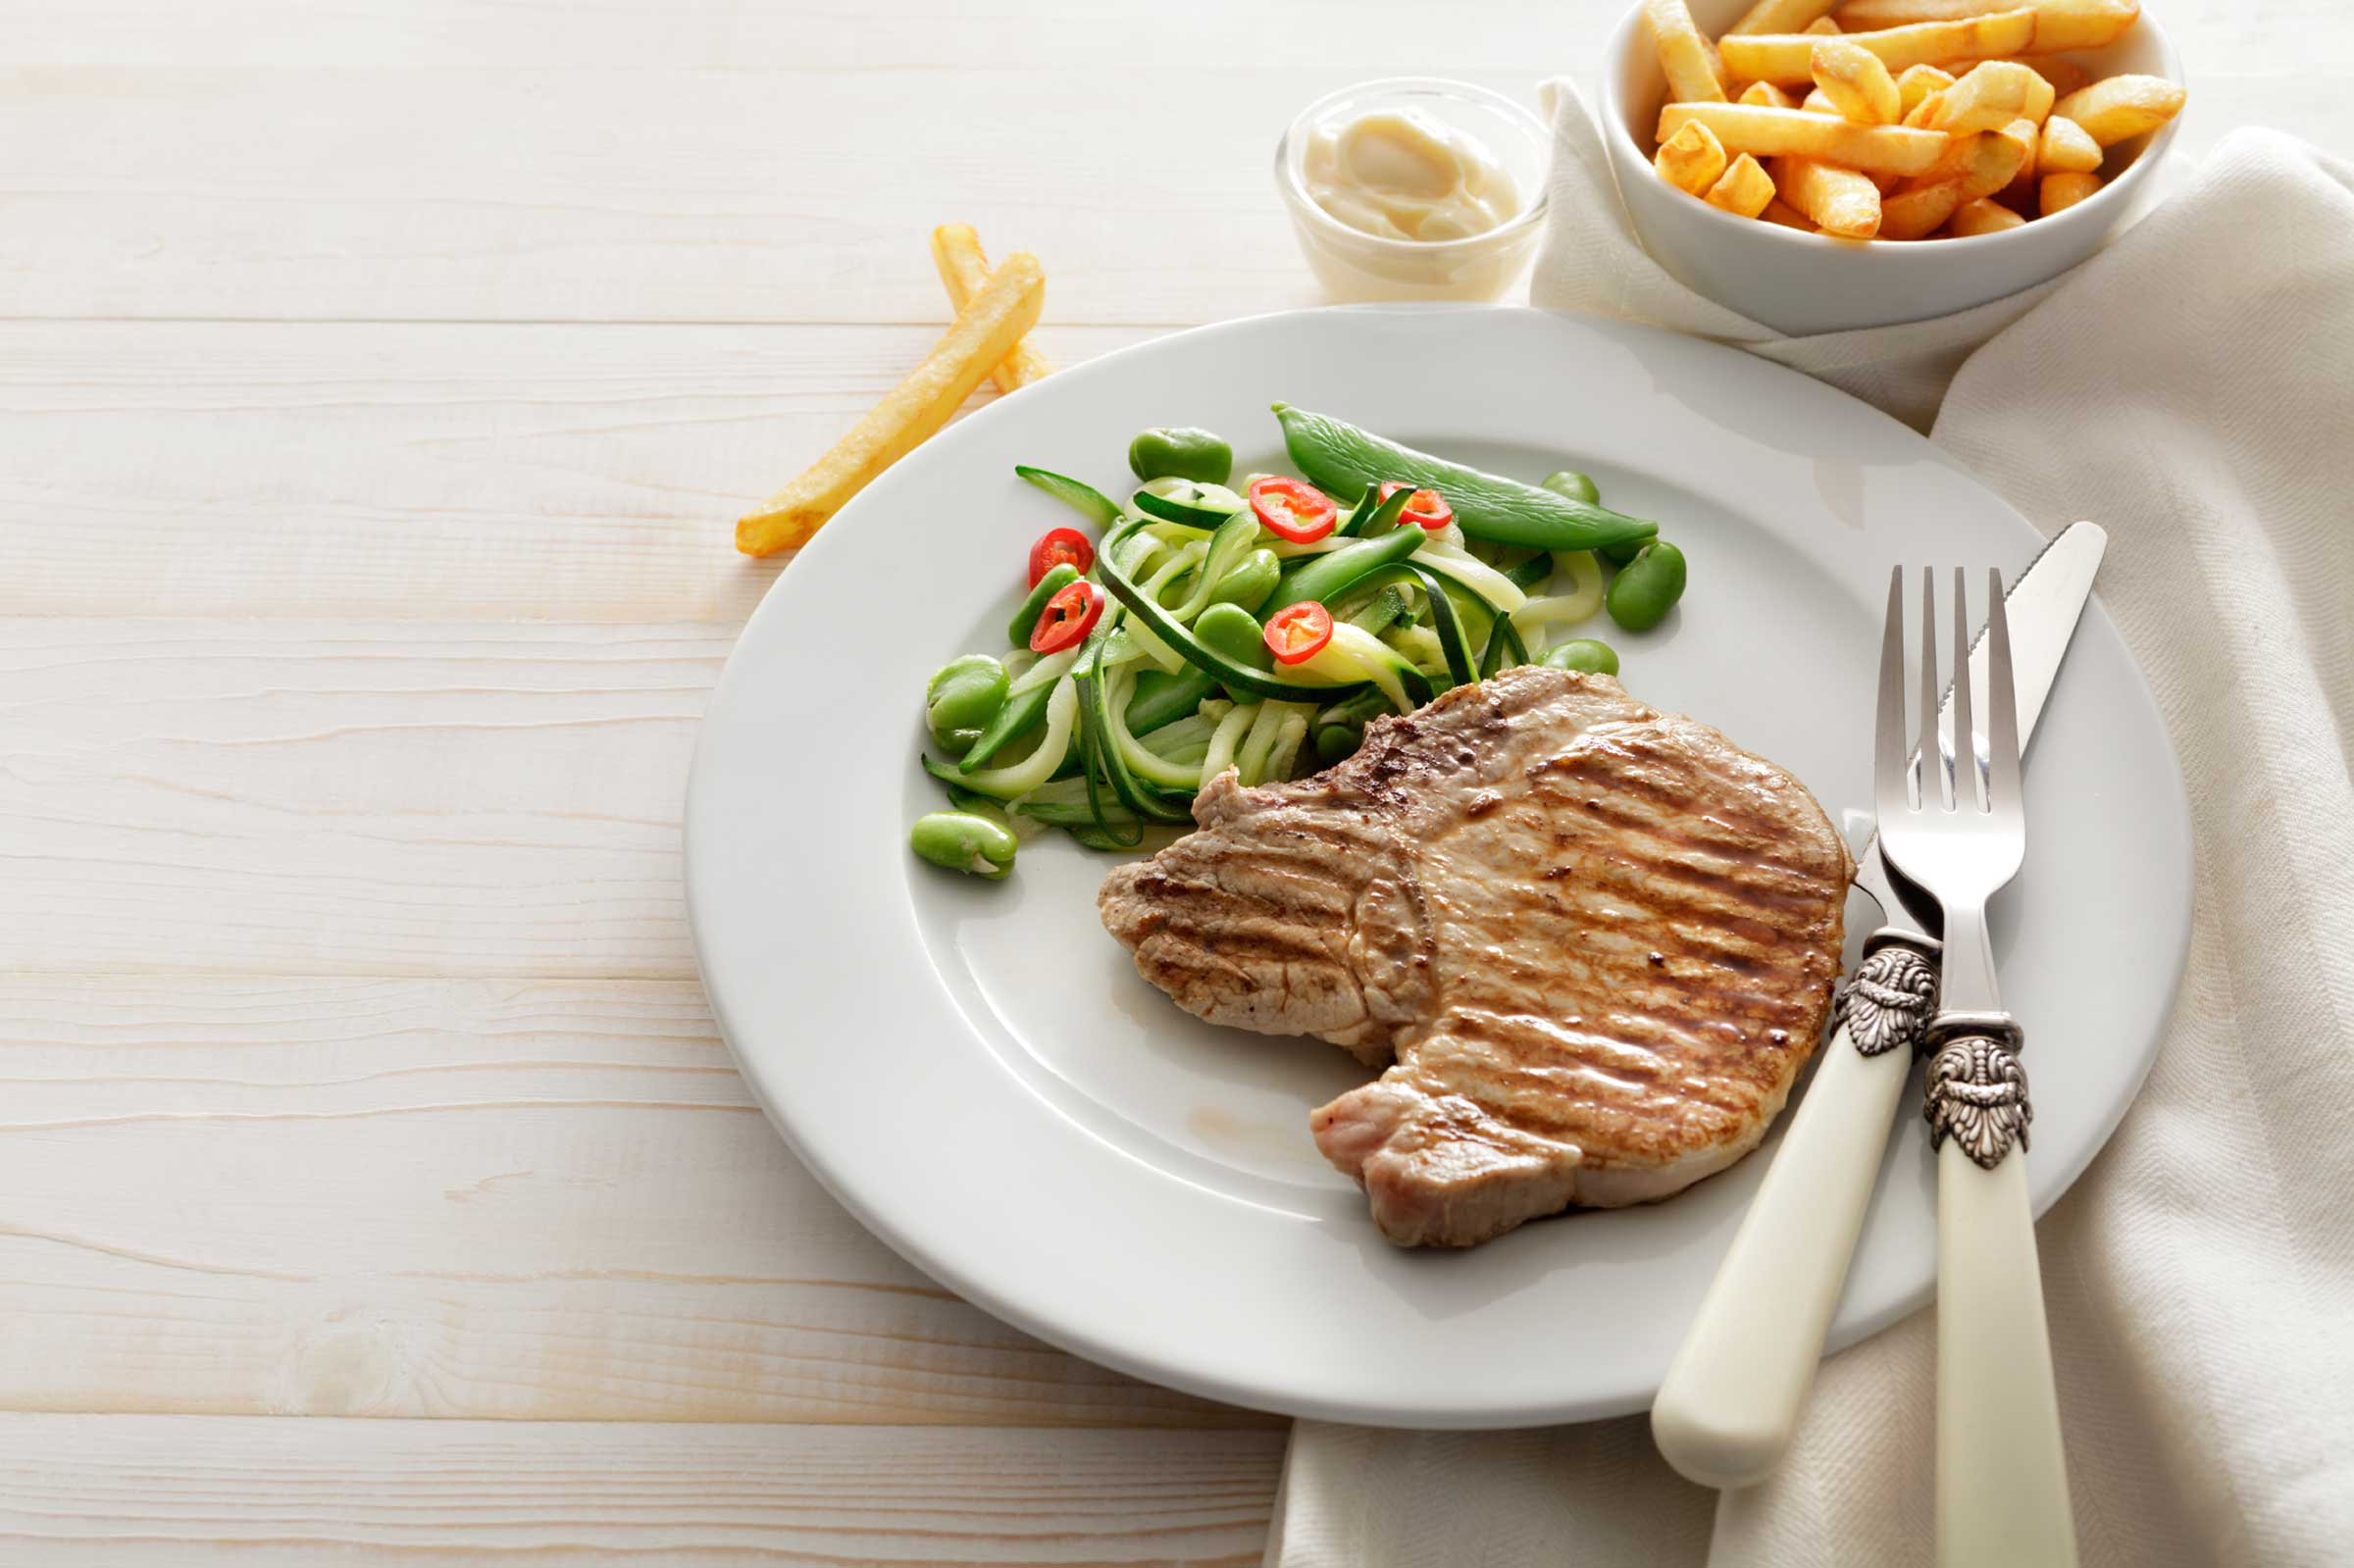 आसान तरीके से अपने अंश कम करने के लिए: कैलोरी सेवन को कम करने और वजन कम